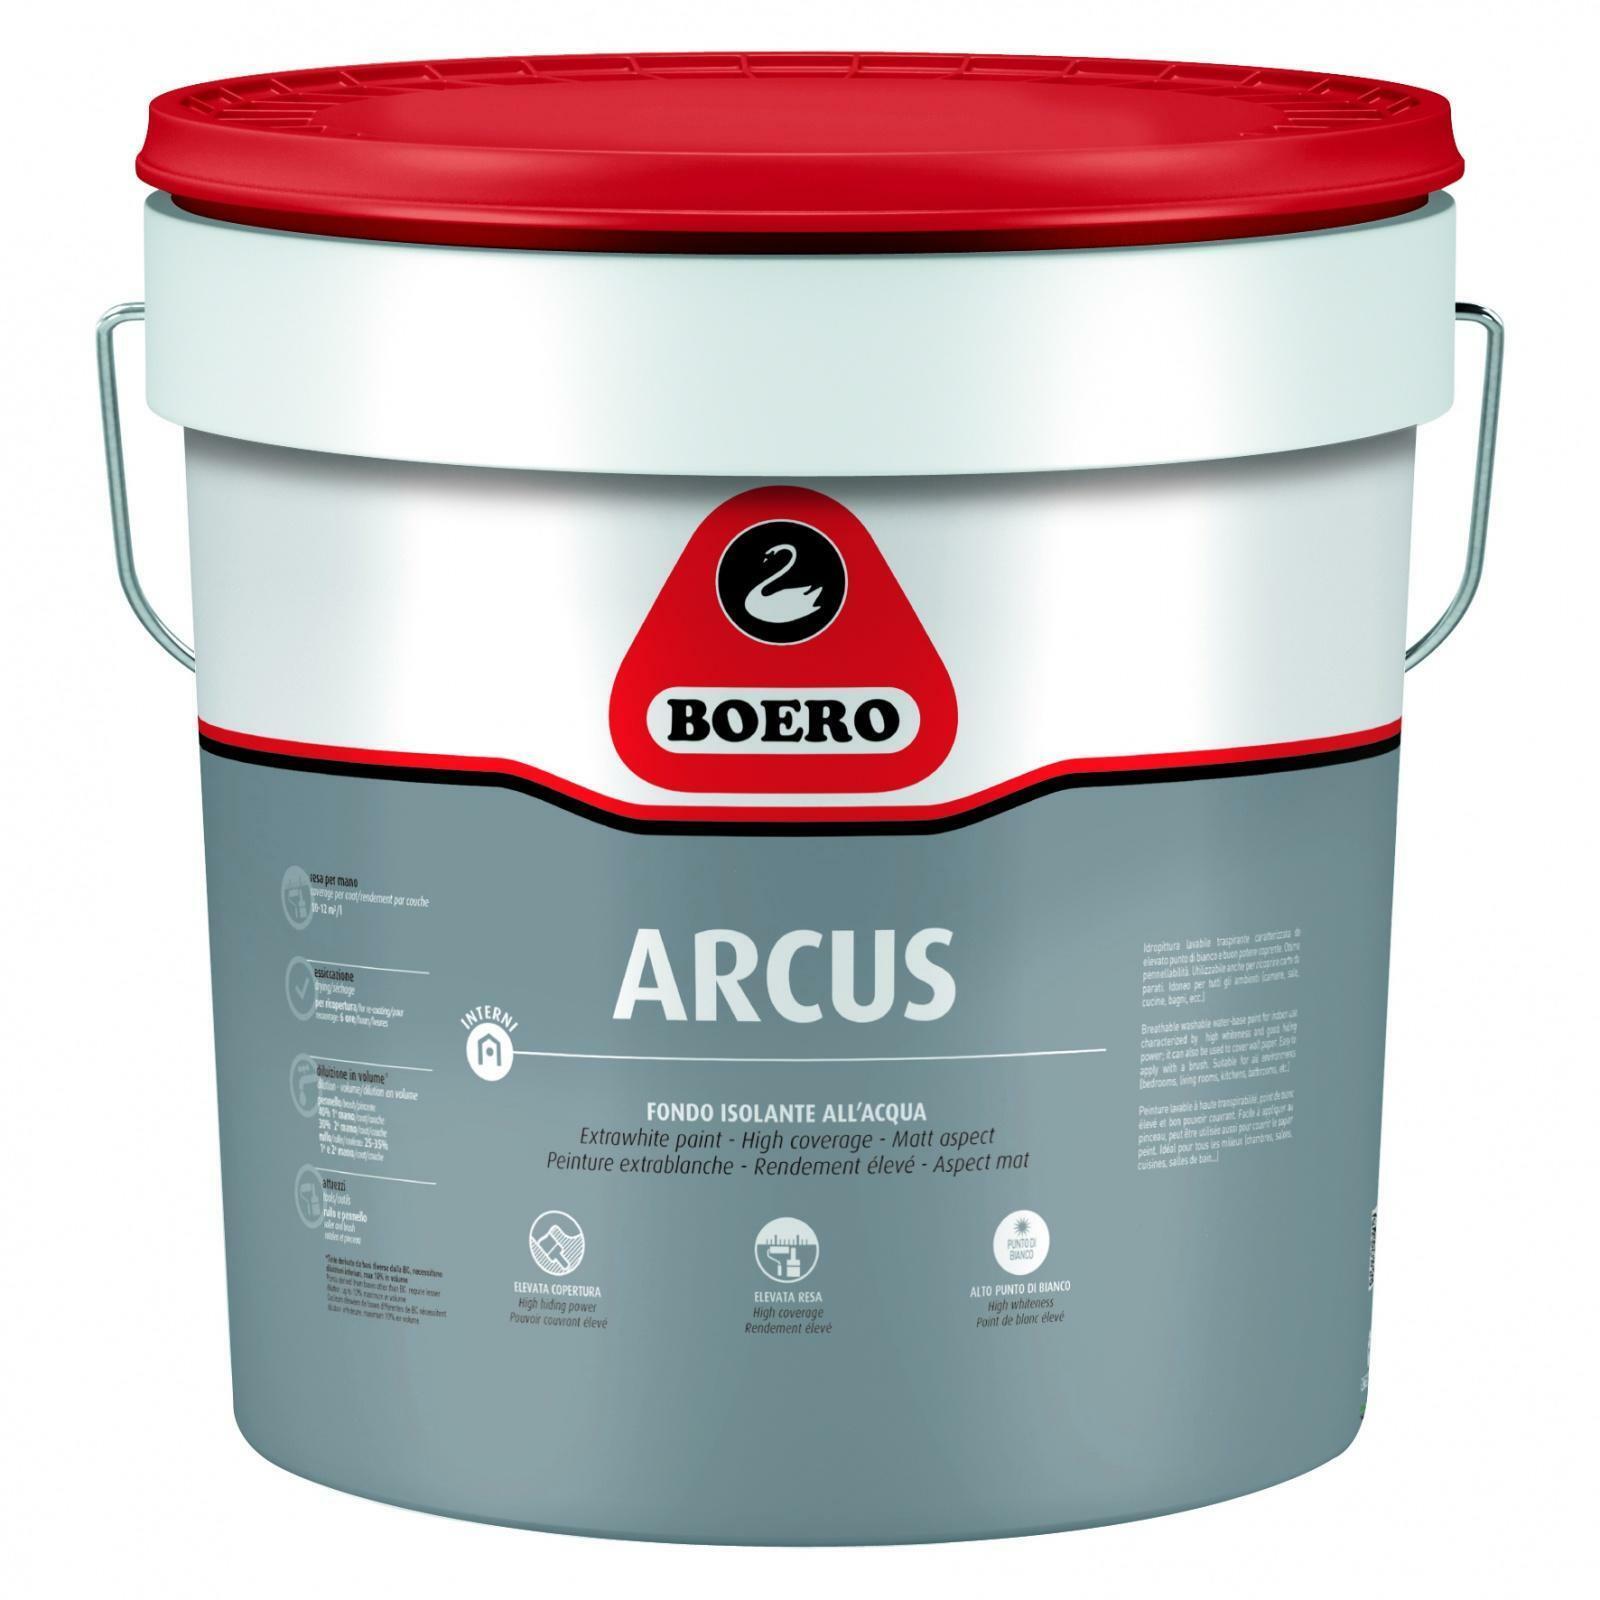 boero boero arcus fondo isolante per macchie bianco 0.75 litri